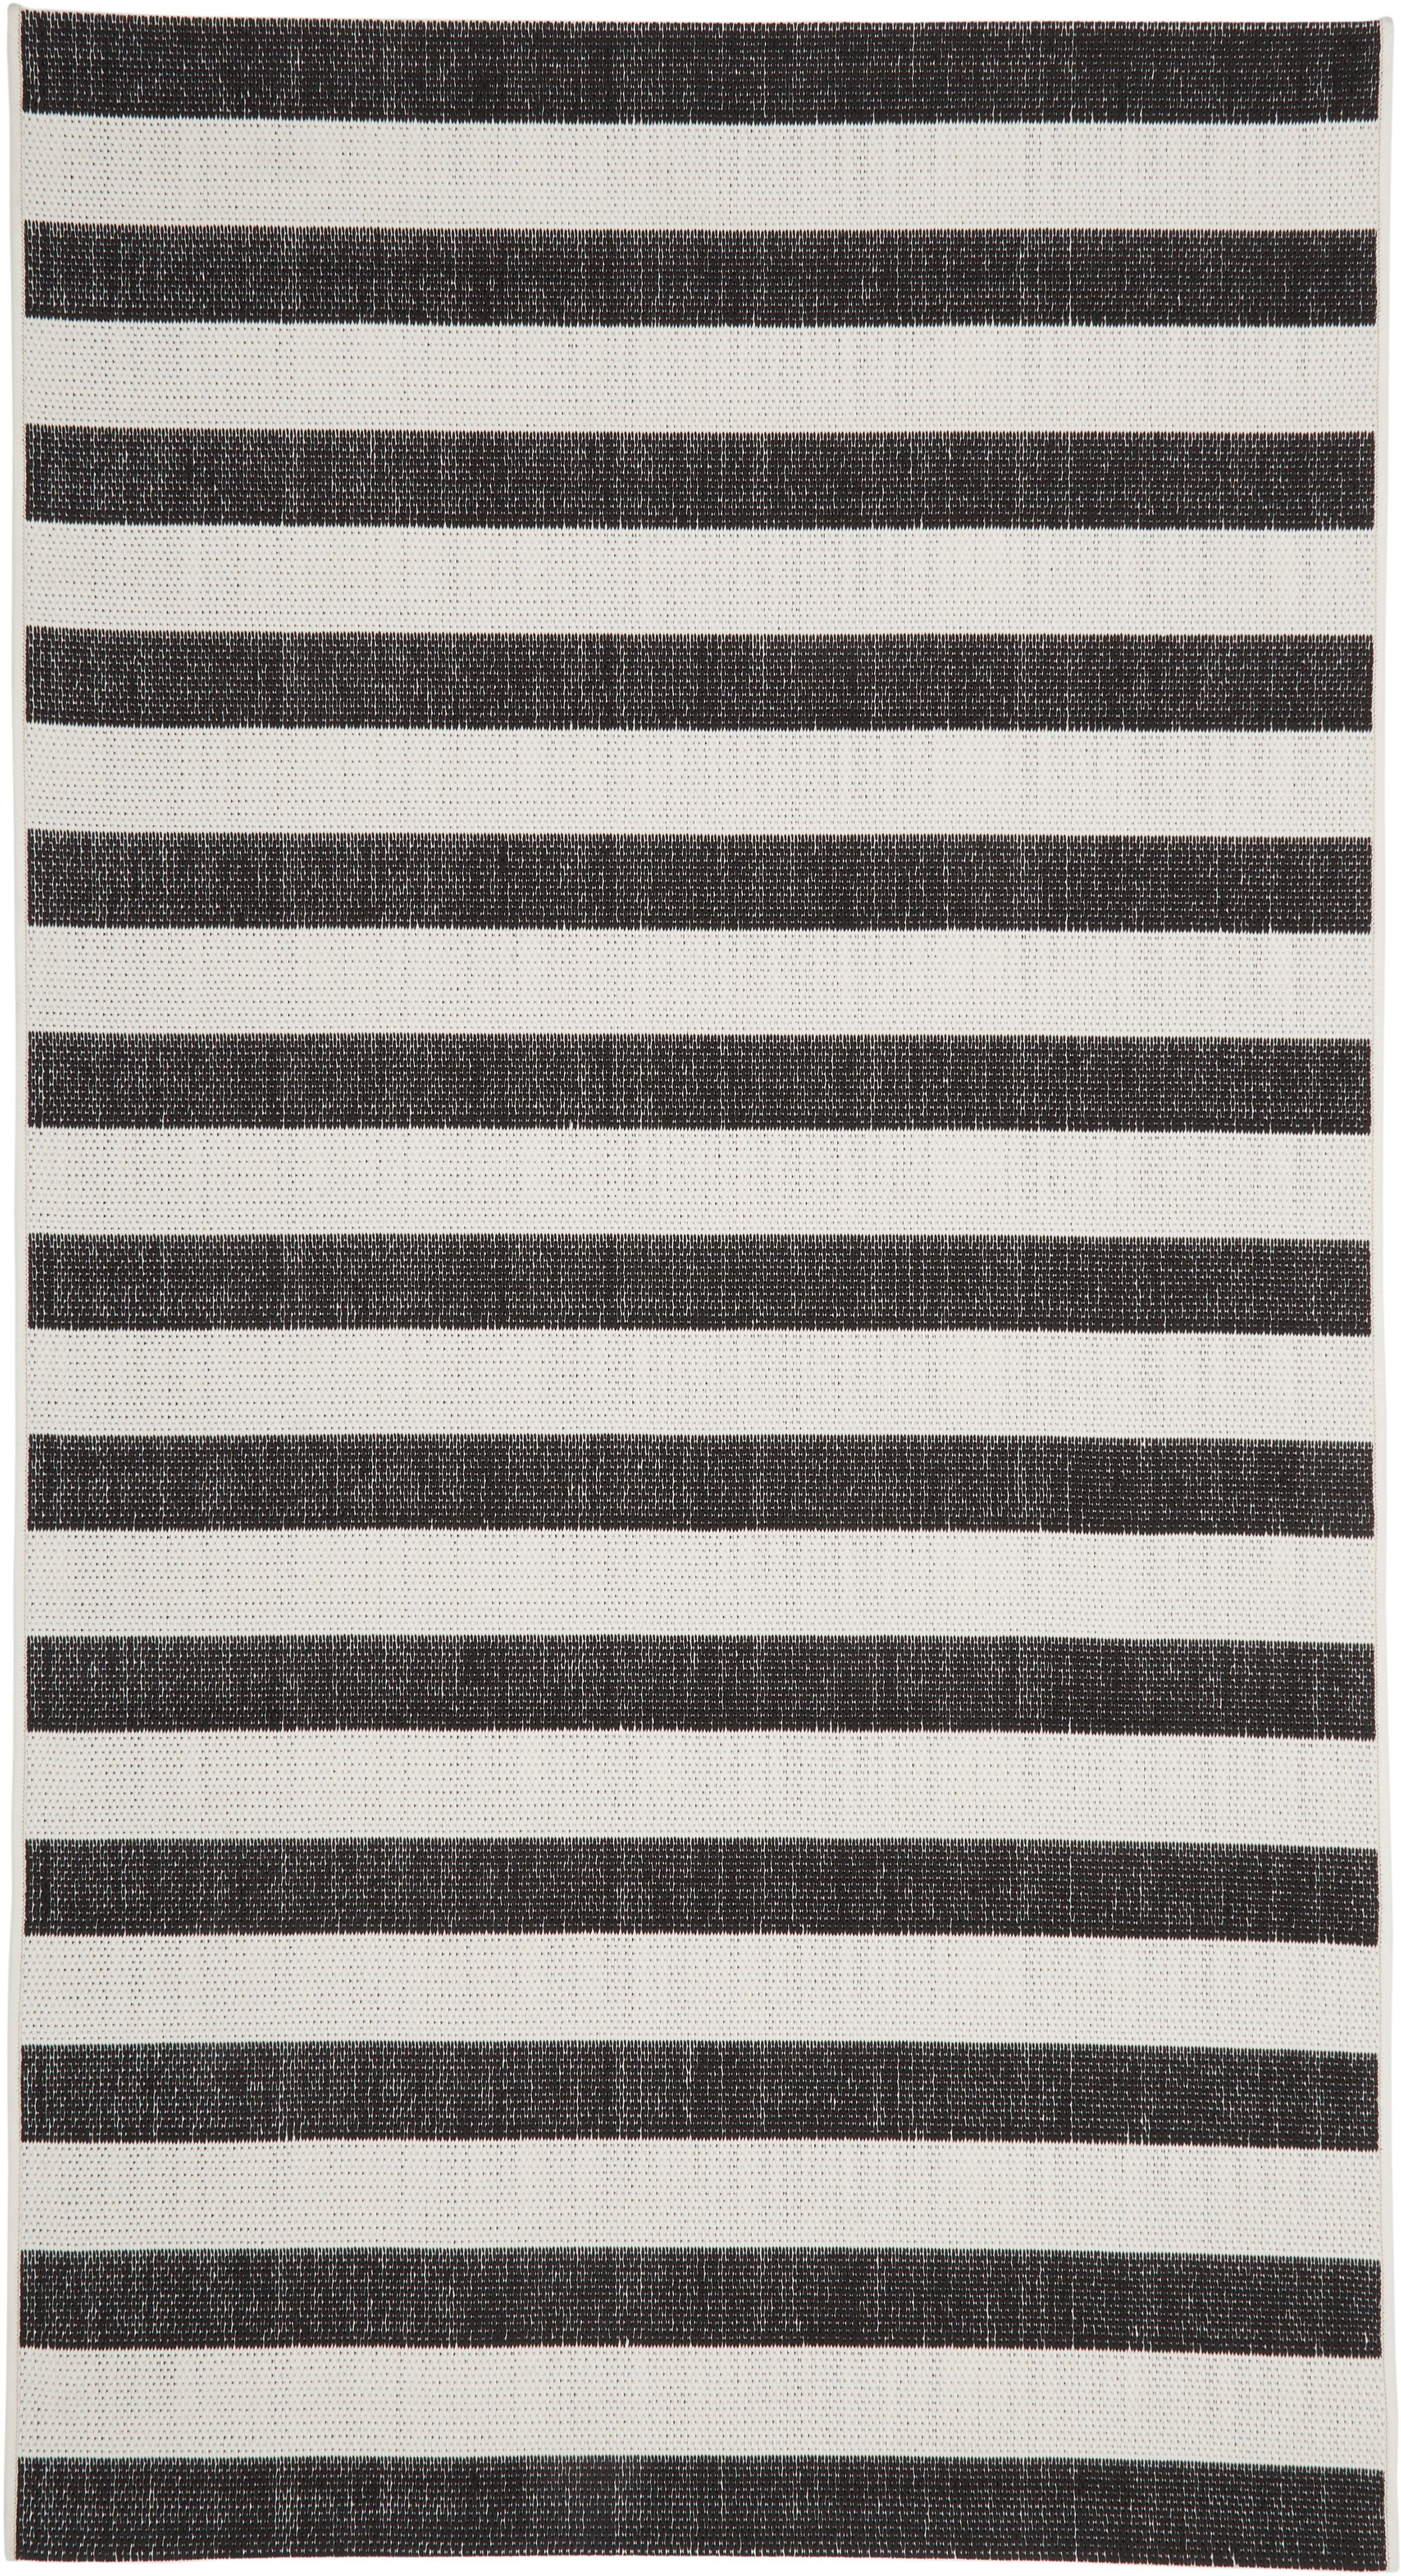 Tappeto da interno-esterno a righe Axa, Retro: poliestere, Bianco crema, nero, Larg. 80 x Lung. 150 cm (taglia XS)